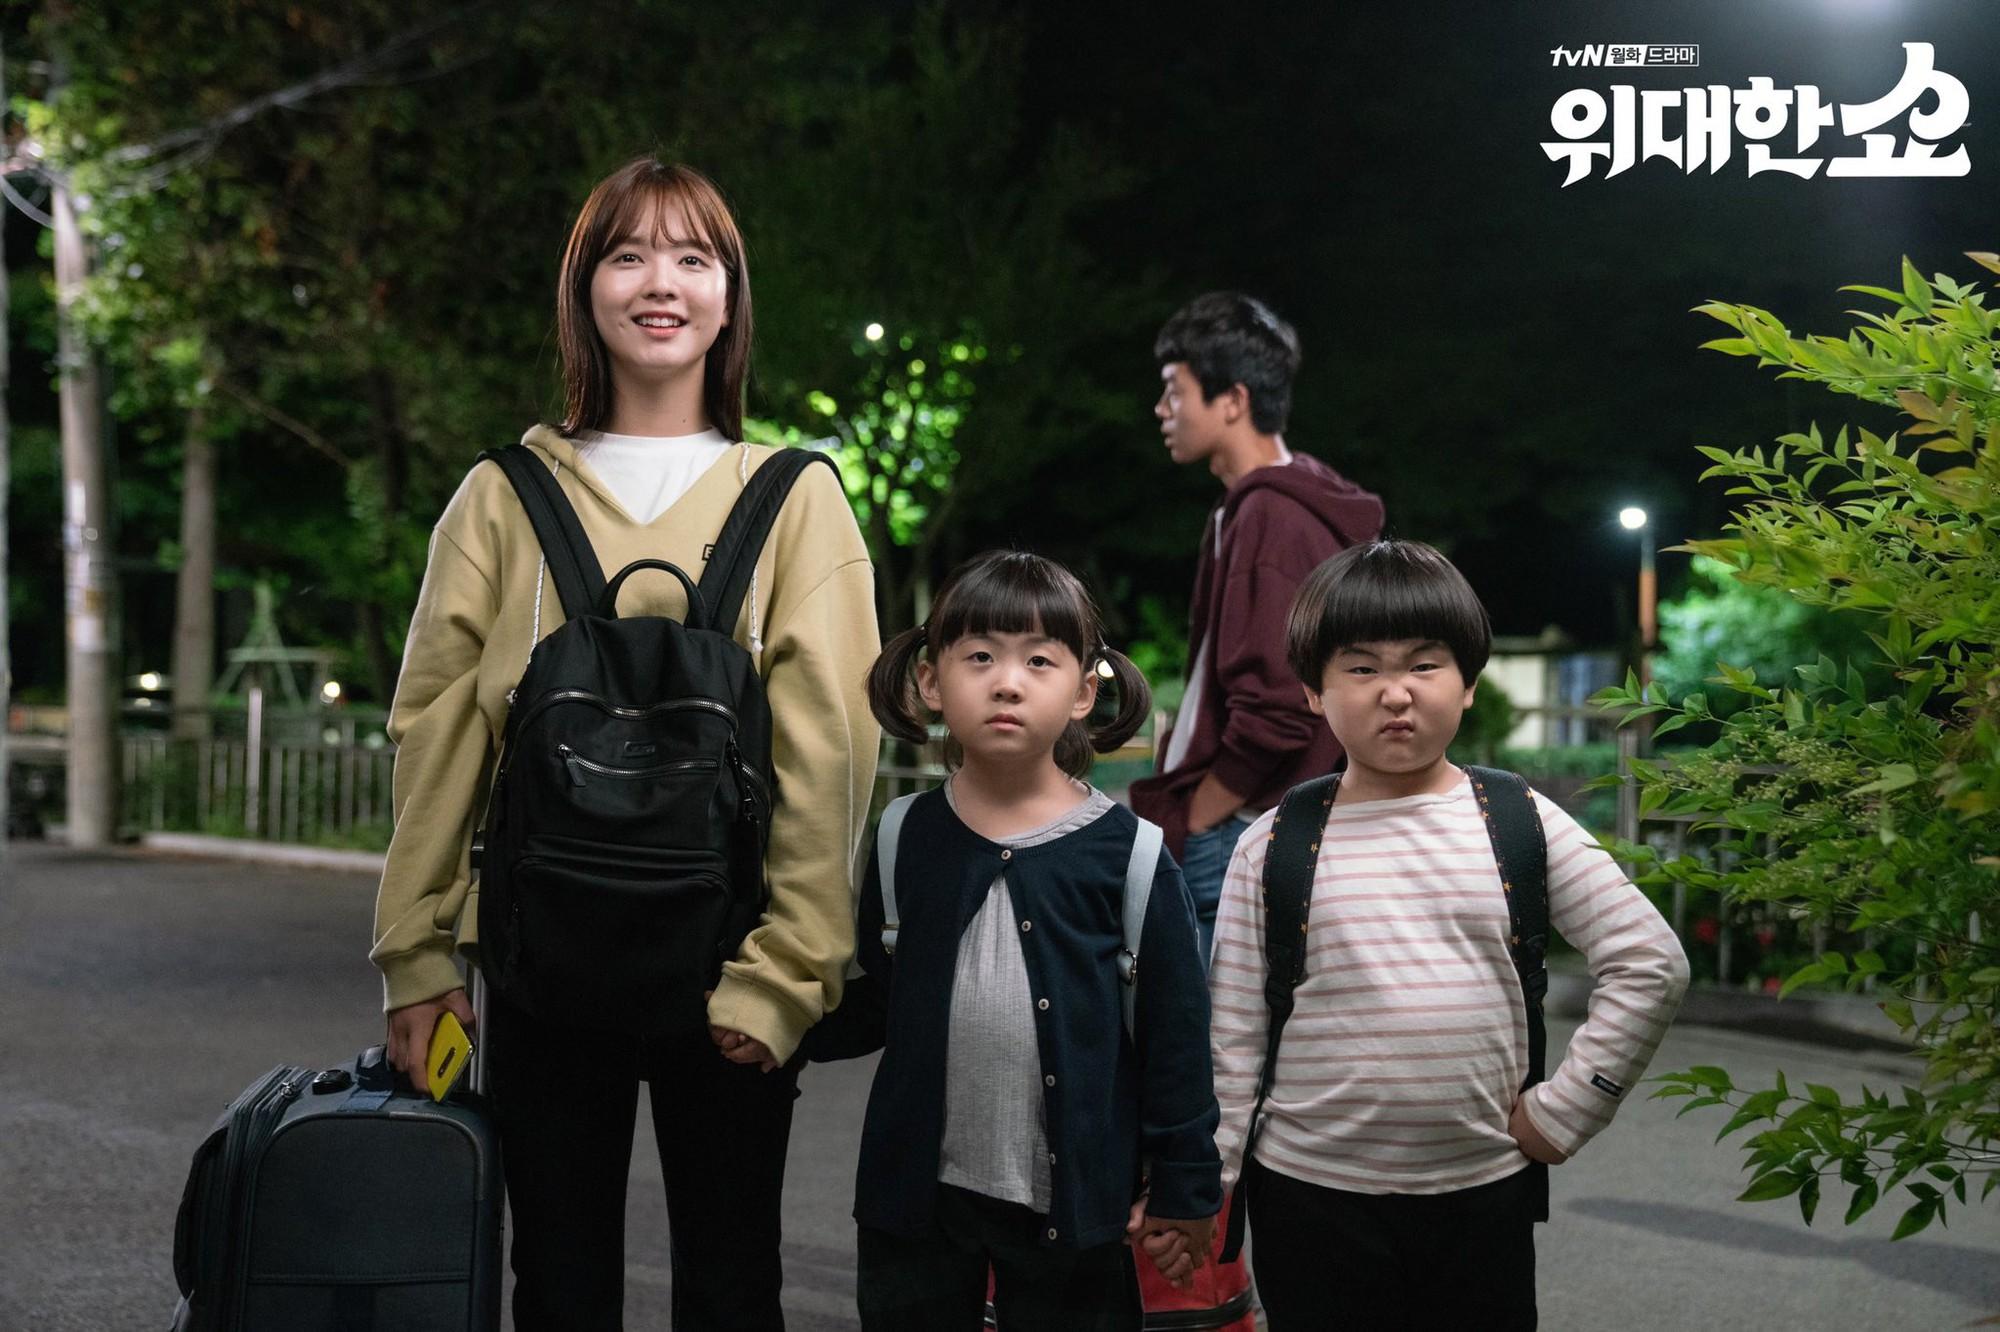 VZN News: The Great Show: Phim chính trị nhưng không hack não vì được xem Song Seung Hun lắm múi tấu hài mỗi ngày - Ảnh 8.